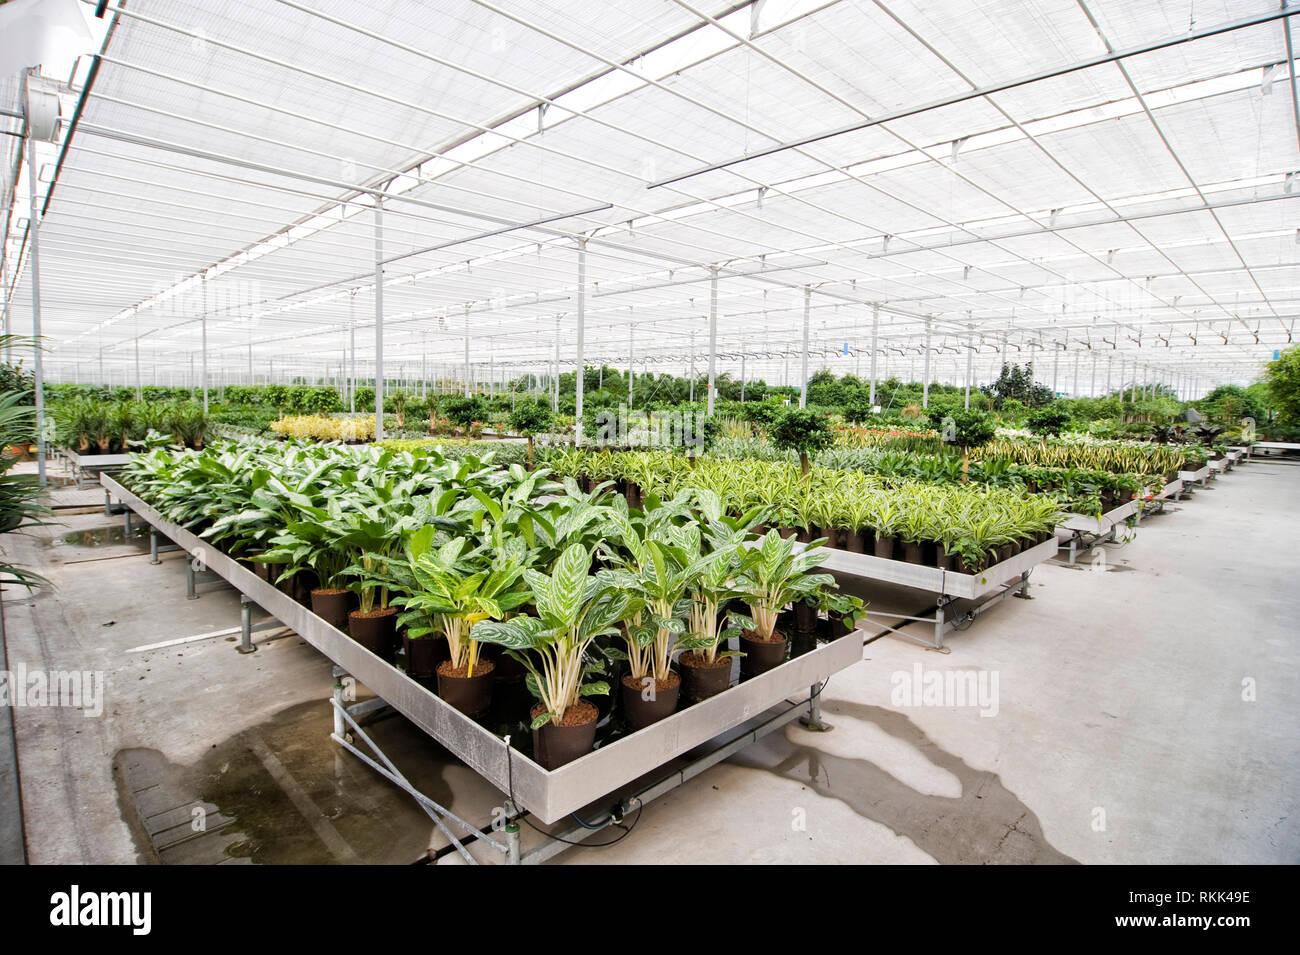 Gewaechshaus fuer Hydrokulturpflanzen das selber Energie erzeugt. [ - Stock Image